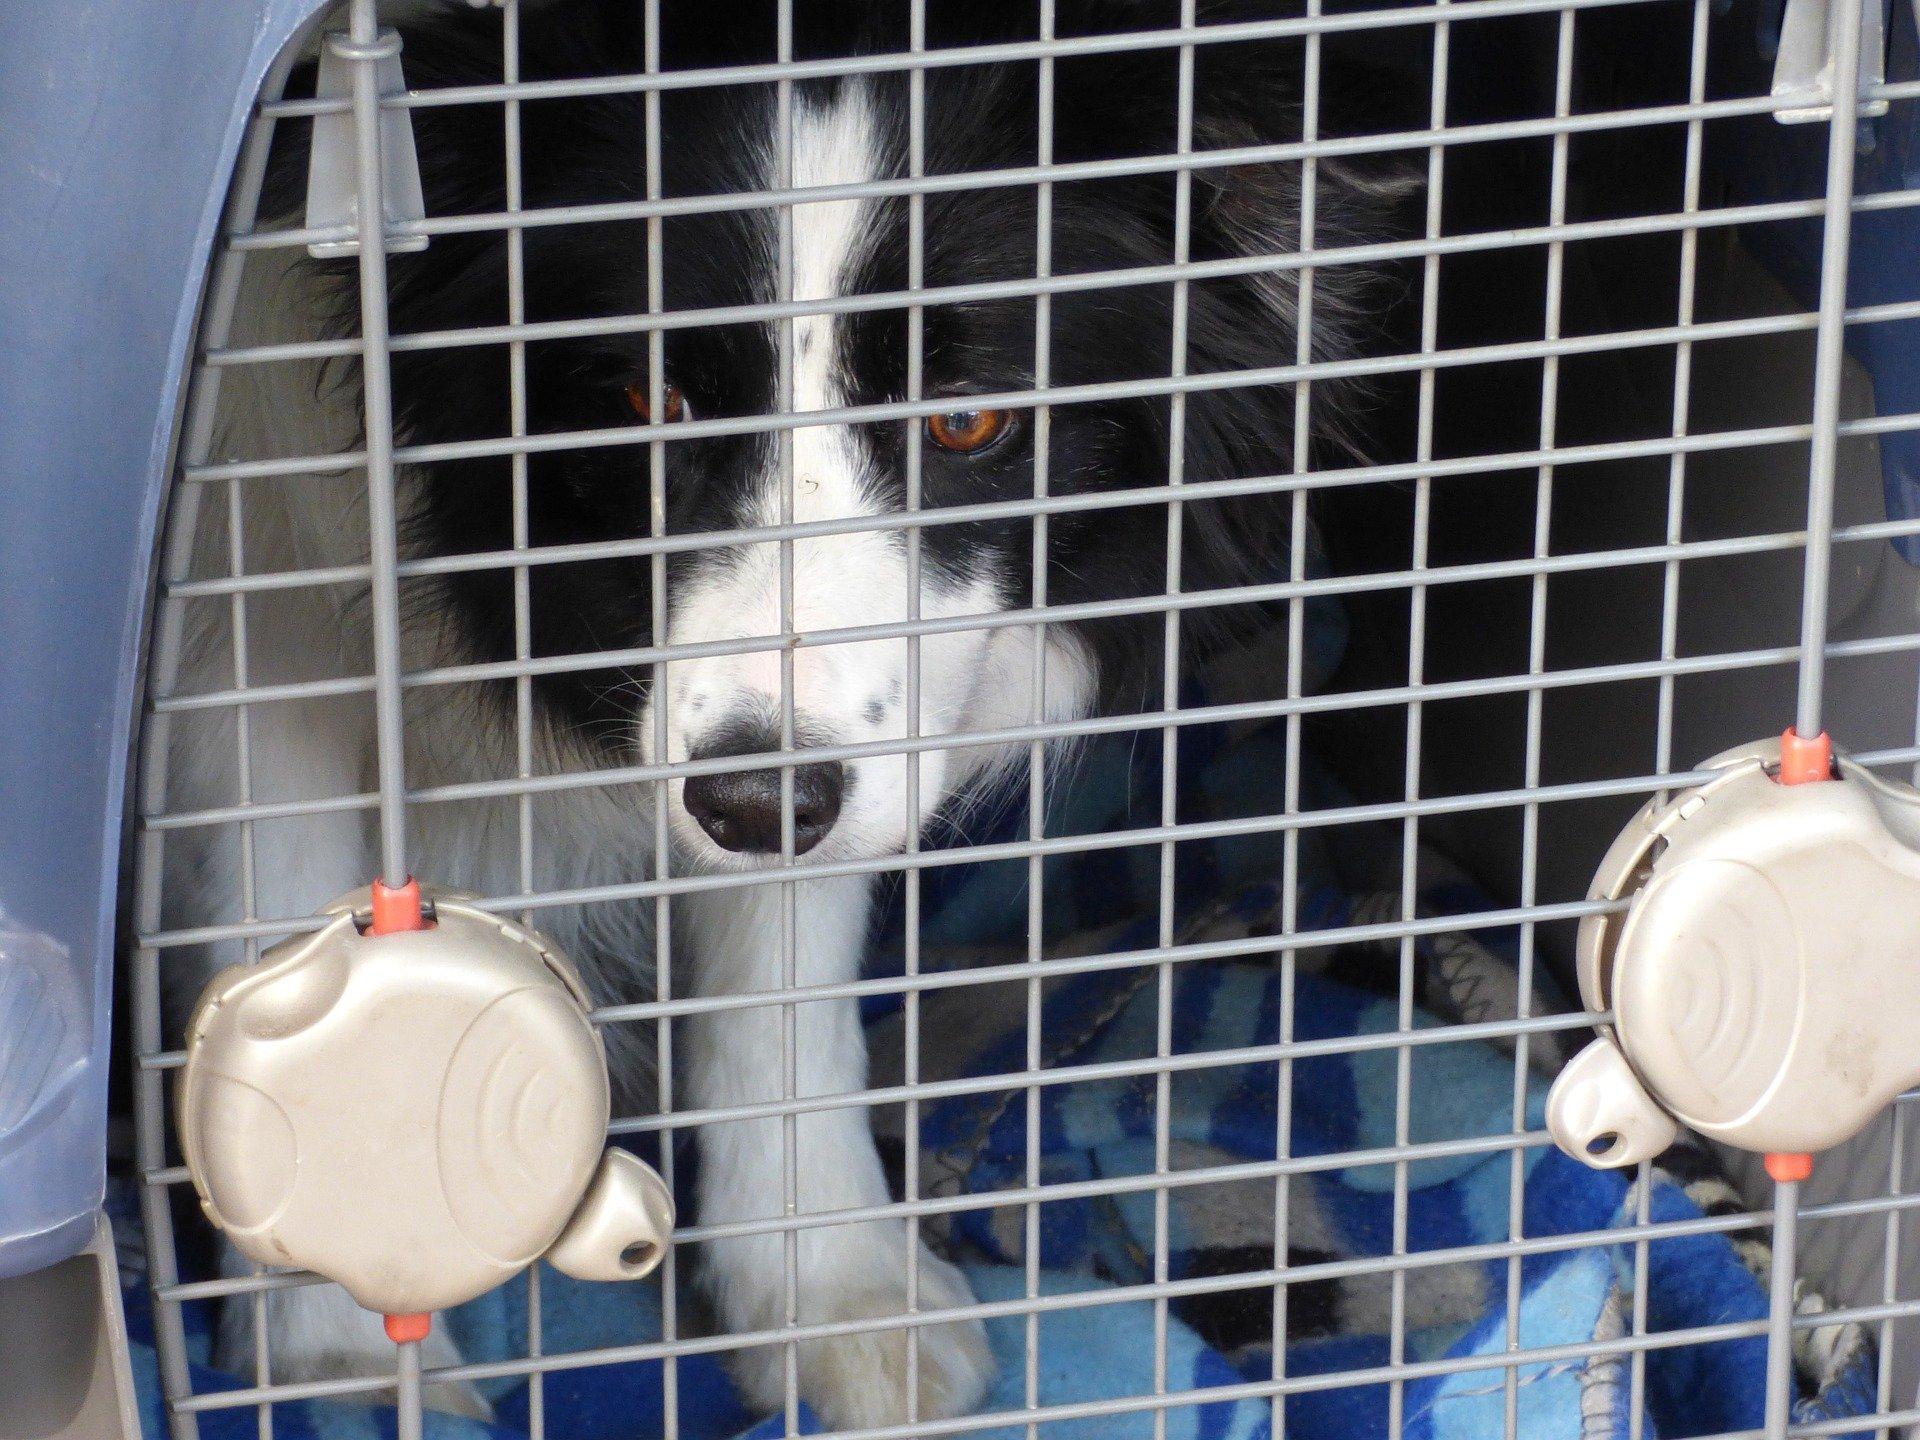 Trasporto cani in auto ecco cosa dice la legge